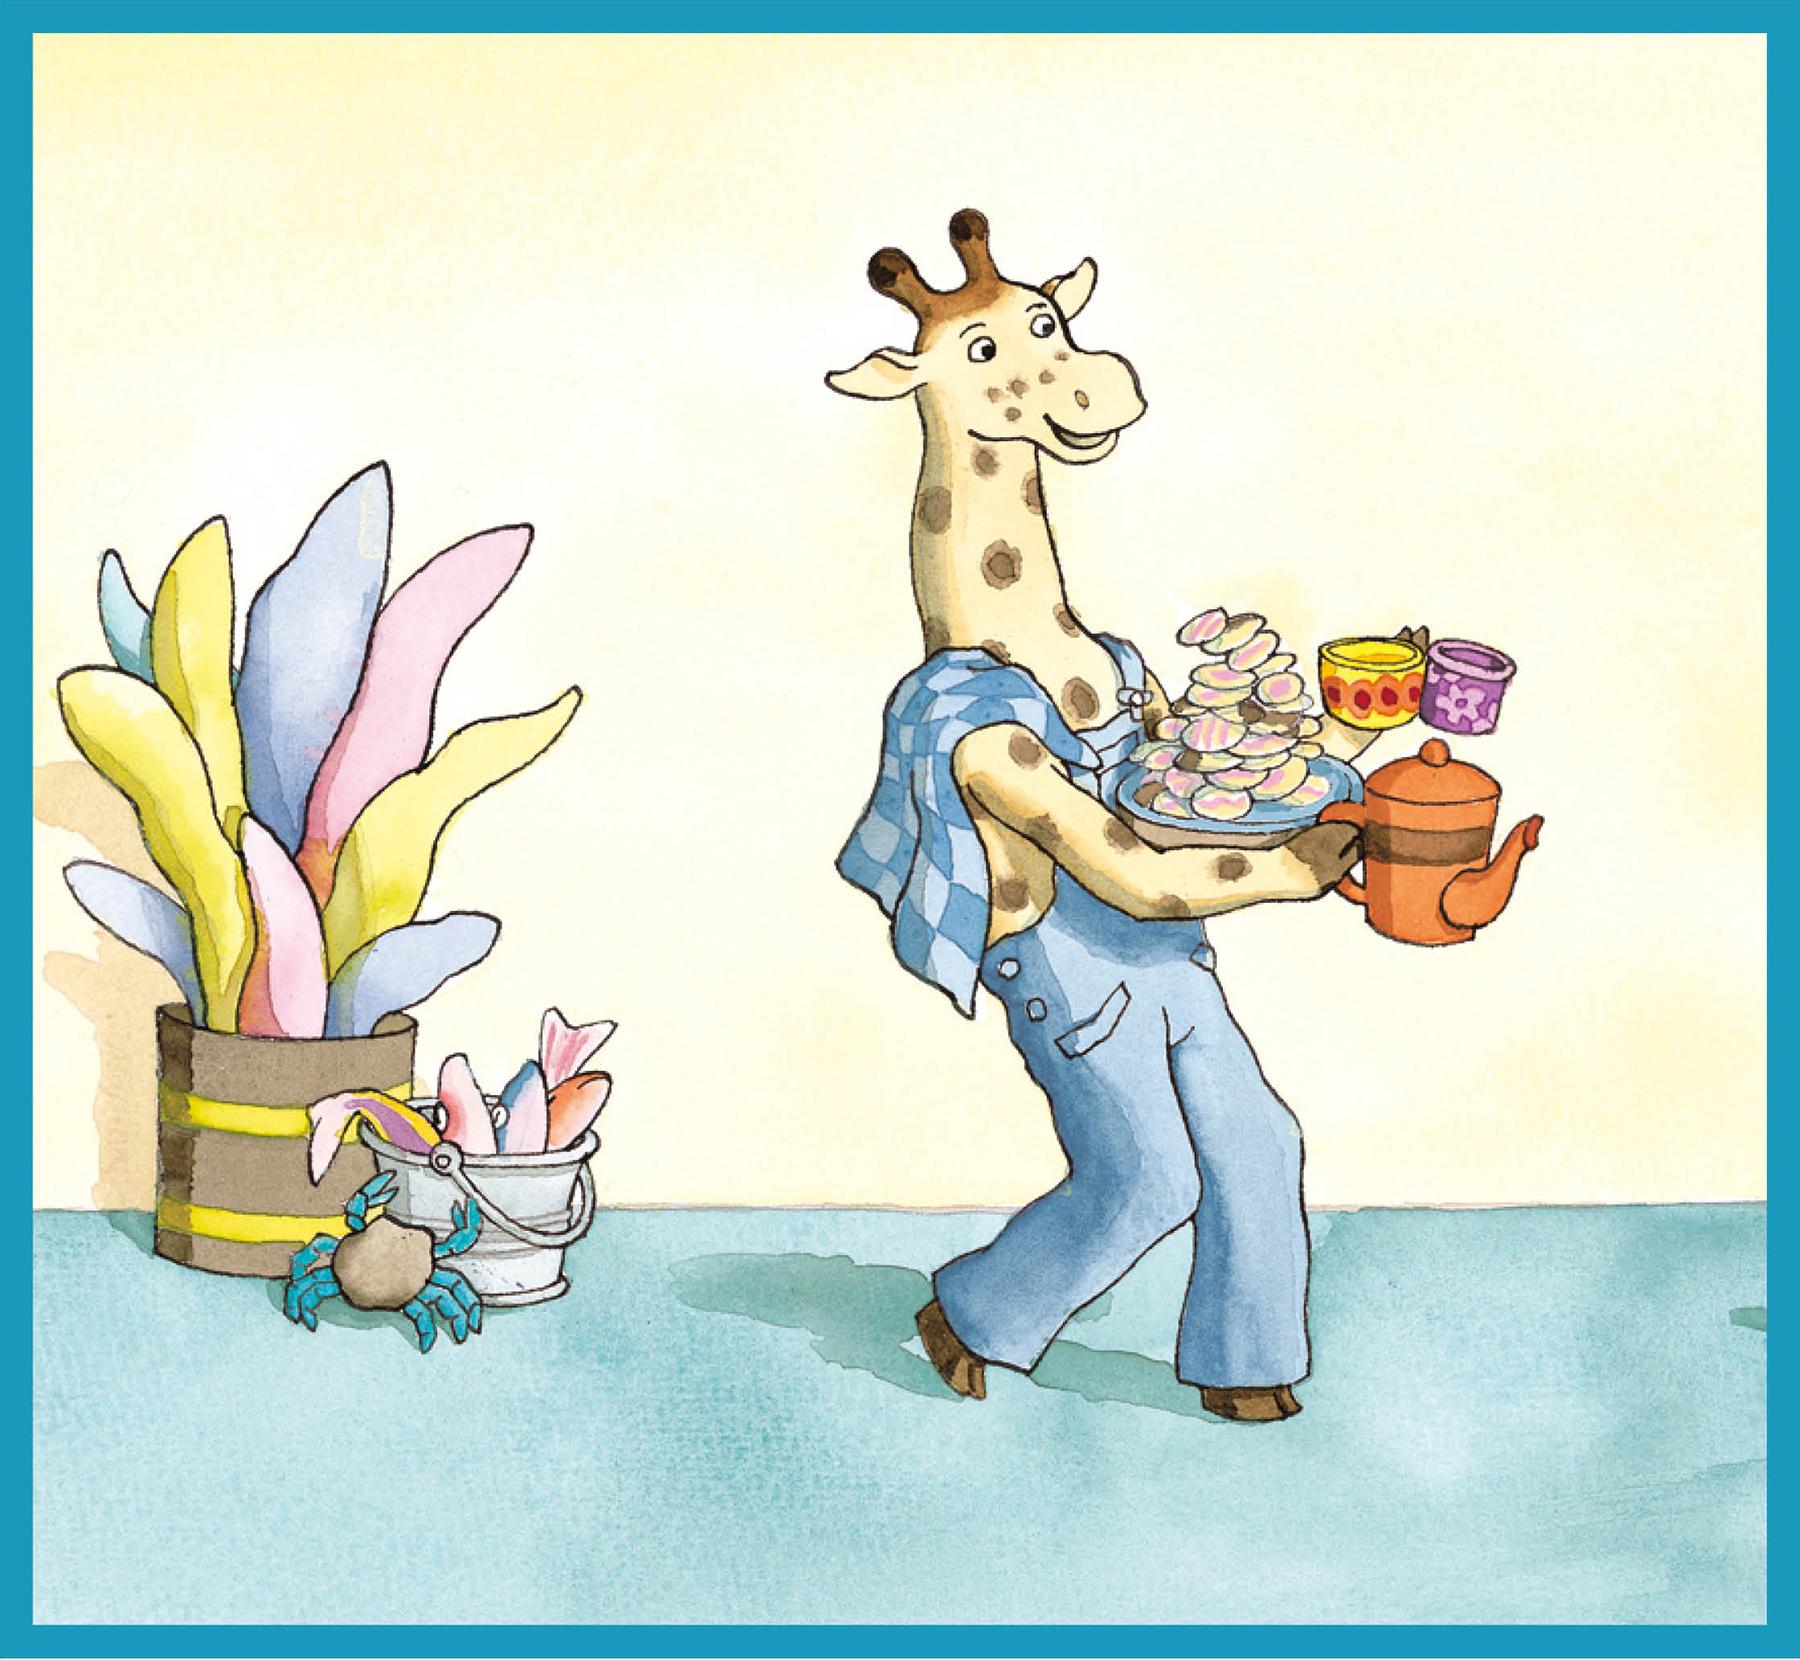 giraf brengt smikkelkoekjes